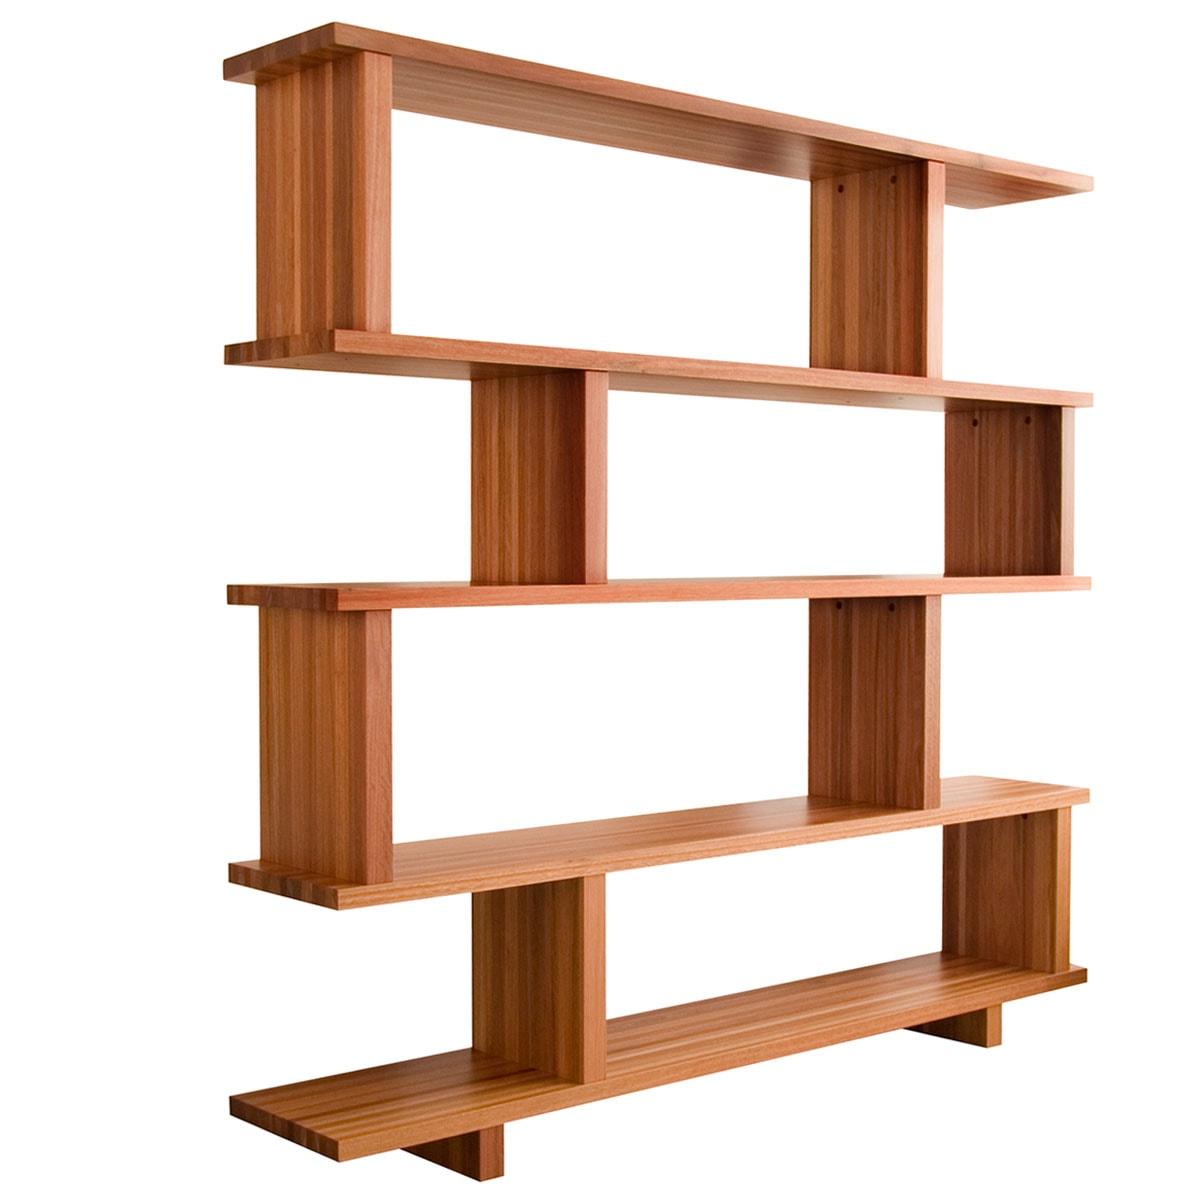 estante-estante-para-livros-03.jpg